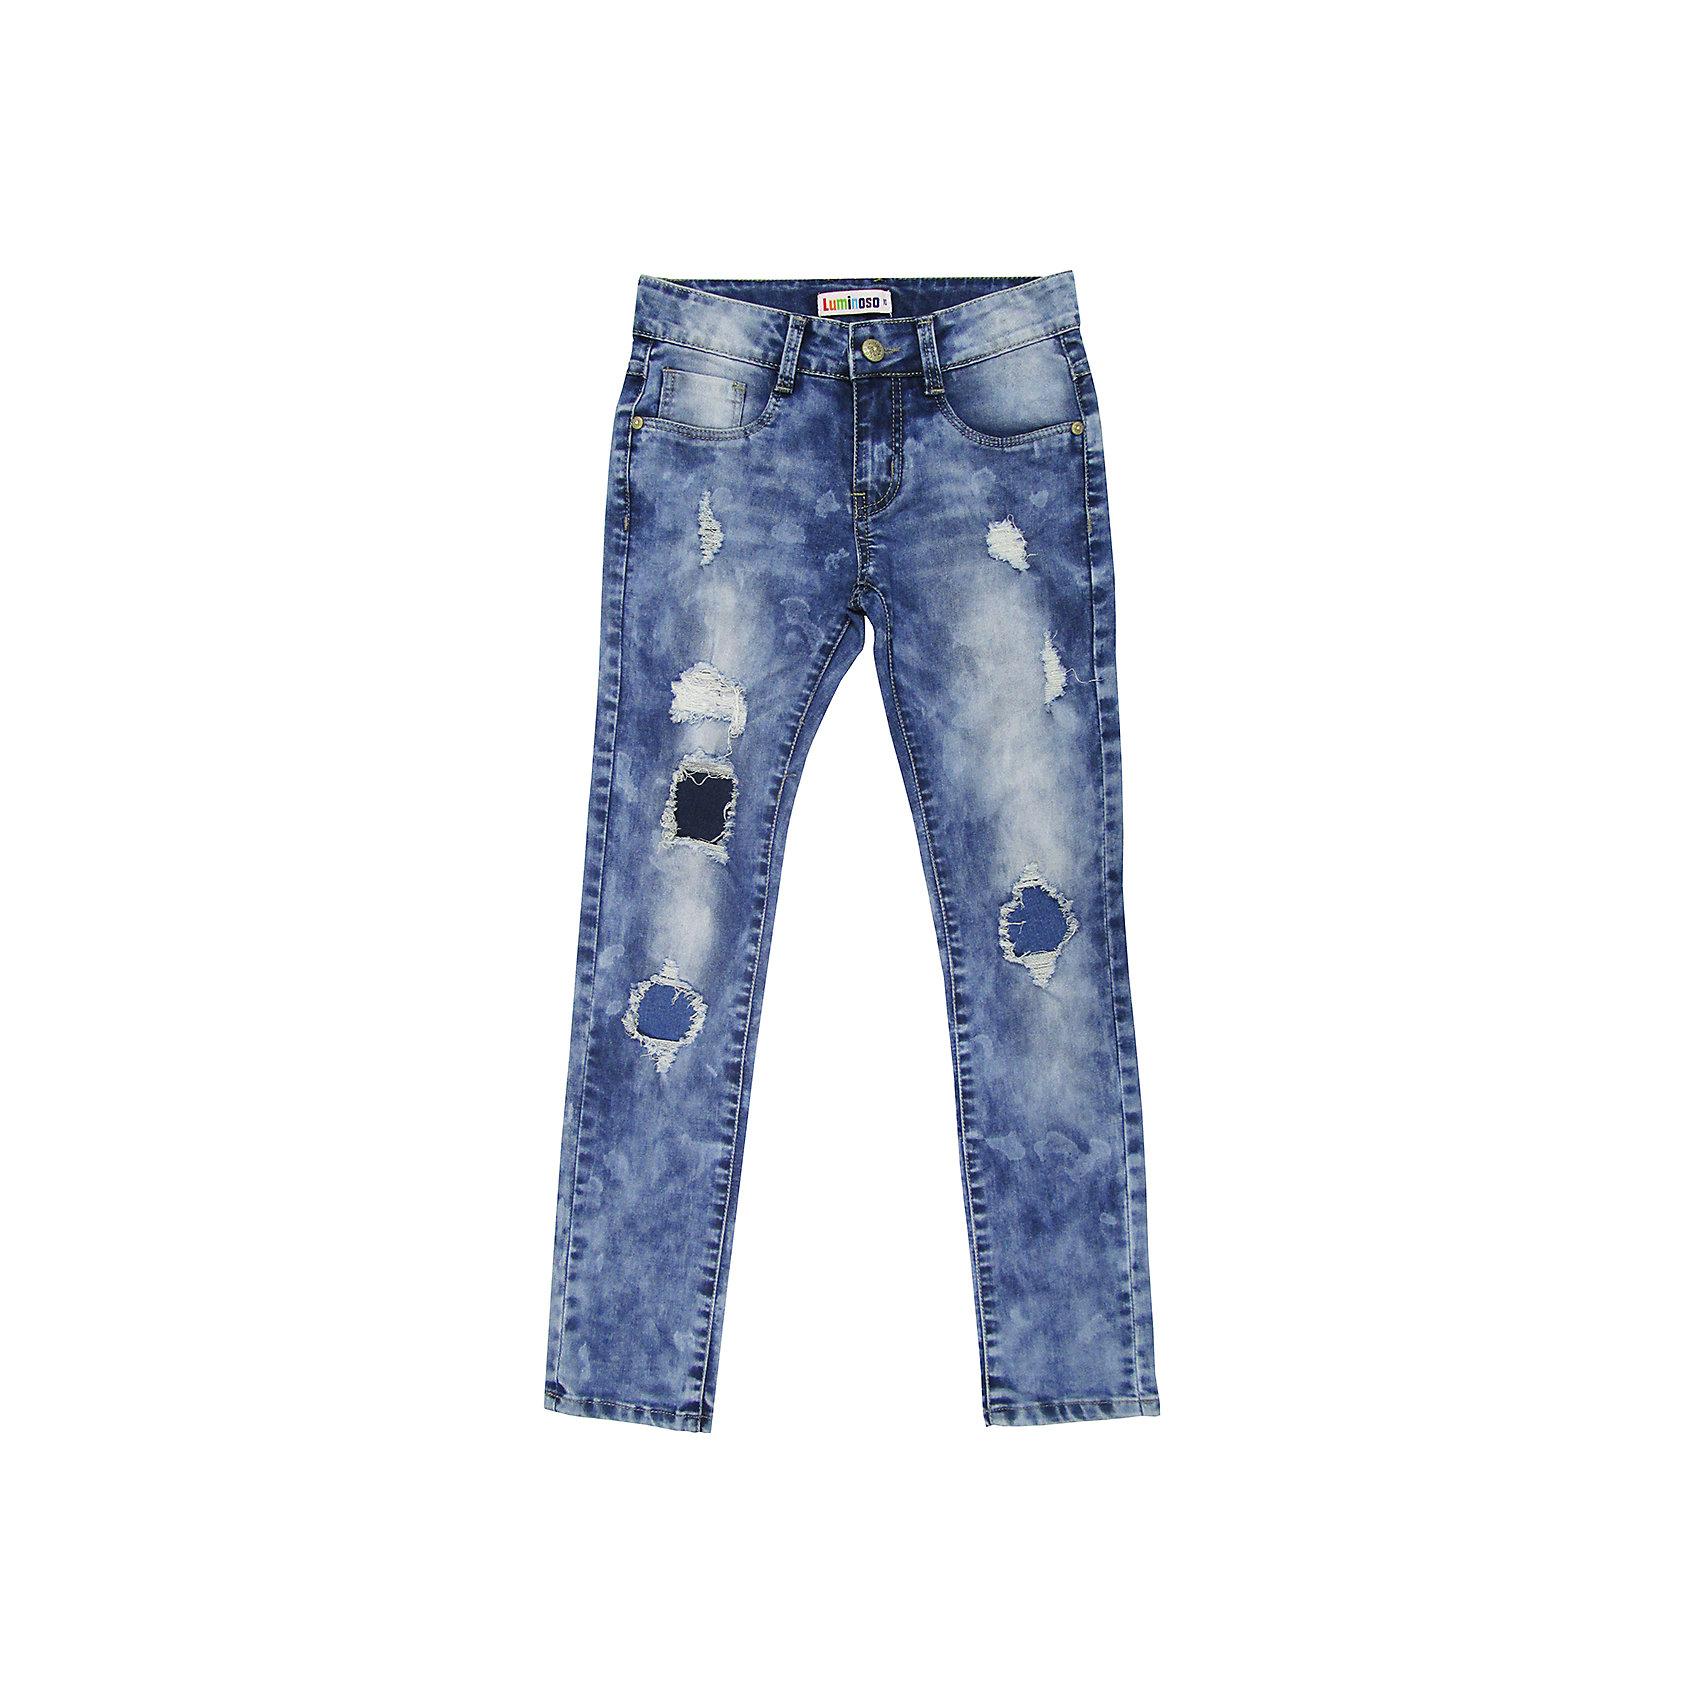 Джинсы для девочки LuminosoДжинсовая одежда<br>Джинсы  для девочки с оригинальной варкой. Декорированы заплатками, эффектами потертости и рваной джинсы. Имеют зауженный крой, среднюю посадку. Застегиваются на молнию и пуговицу. Шлевки на поясе рассчитаны под ремень. В боковой части пояса находятся вшитые эластичные ленты, регулирующие посадку по талии.<br>Состав:<br>98%хлопок 2%эластан<br><br>Ширина мм: 215<br>Глубина мм: 88<br>Высота мм: 191<br>Вес г: 336<br>Цвет: синий<br>Возраст от месяцев: 96<br>Возраст до месяцев: 108<br>Пол: Женский<br>Возраст: Детский<br>Размер: 134,140,146,152,158,164<br>SKU: 5413598